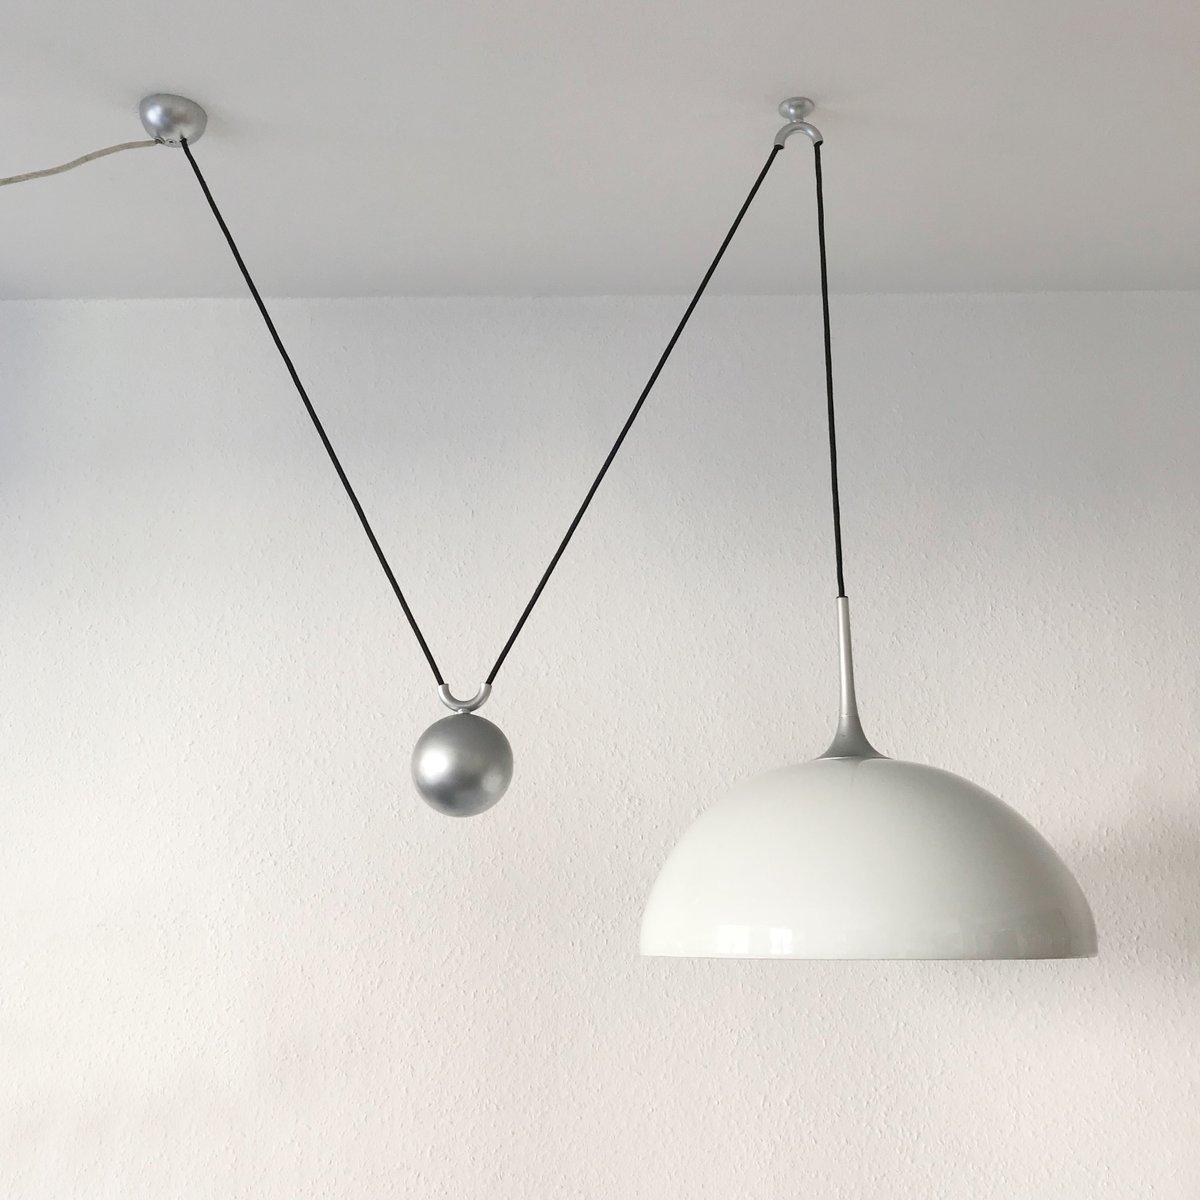 Posa Deckenlampe von Florian Schulz, 1990er